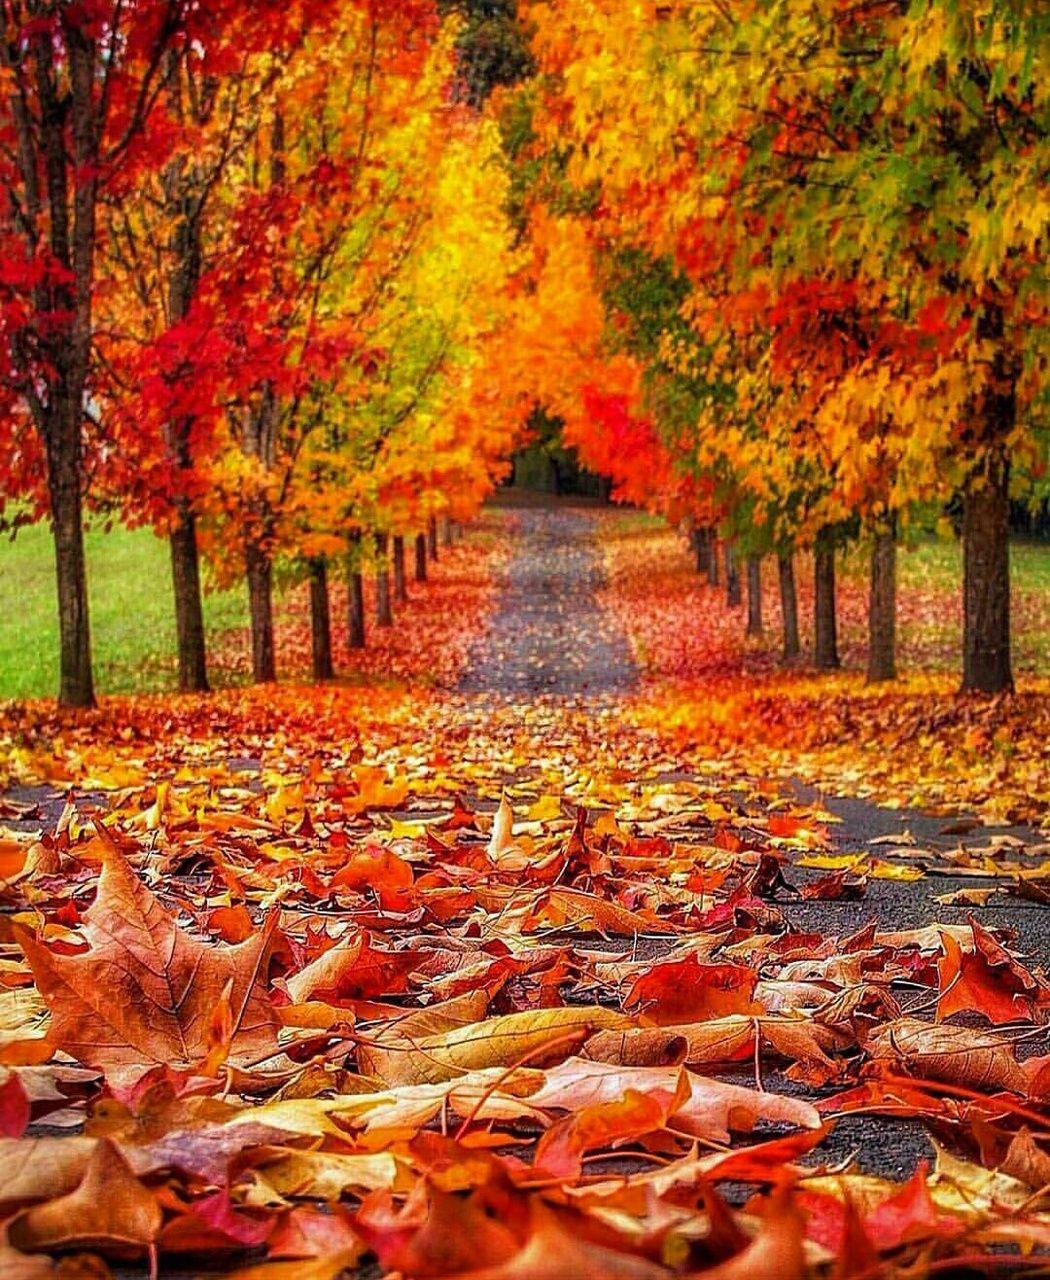 Autumn Scenery, Autumn Scenes